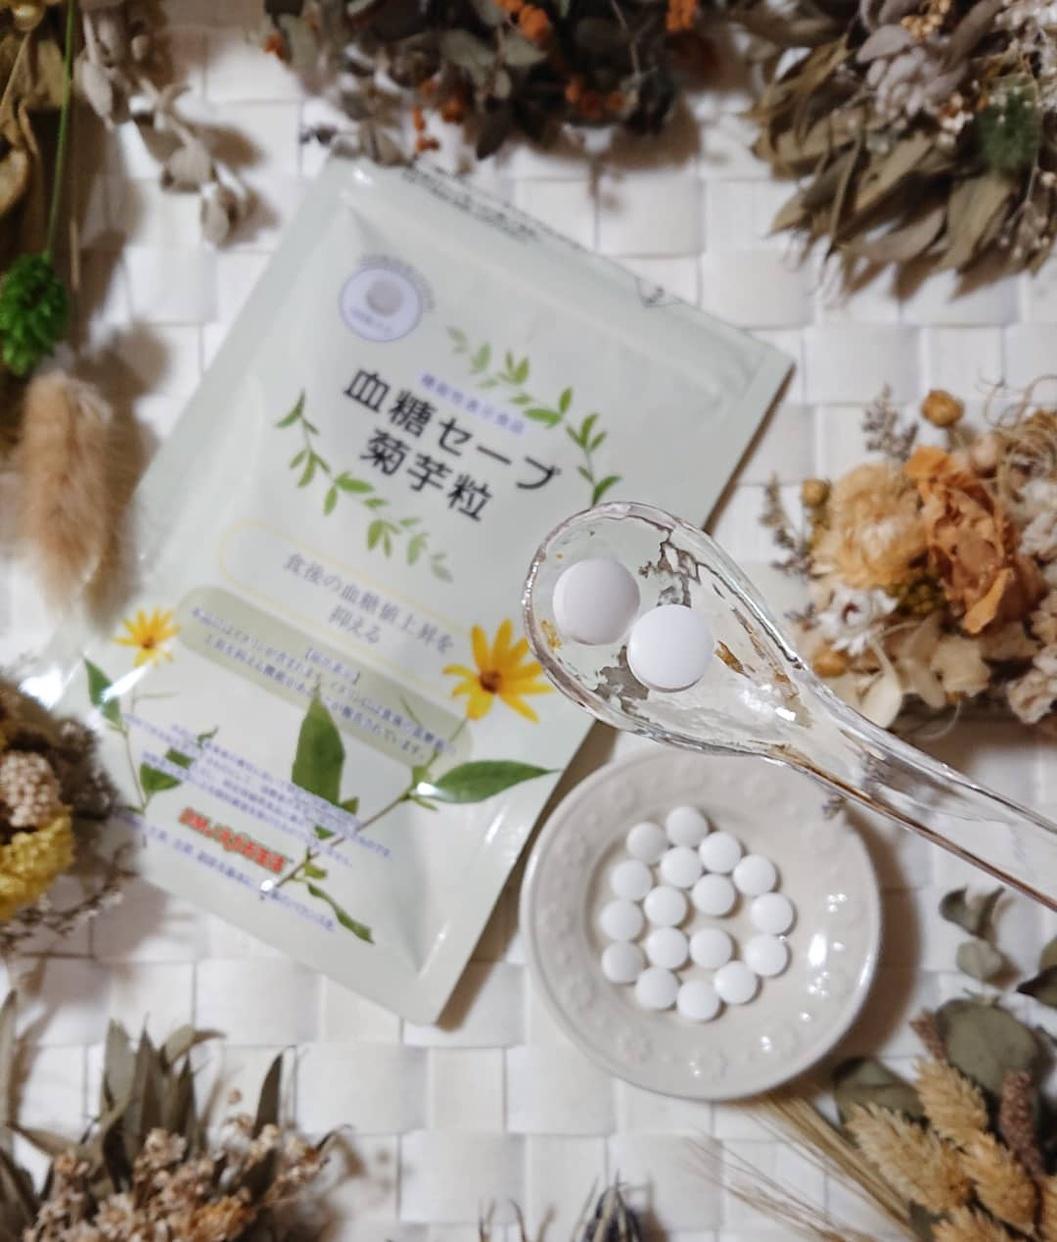 DMJえがお生活血糖セーブ菊芋粒を使ったみぃみぃさんのクチコミ画像2